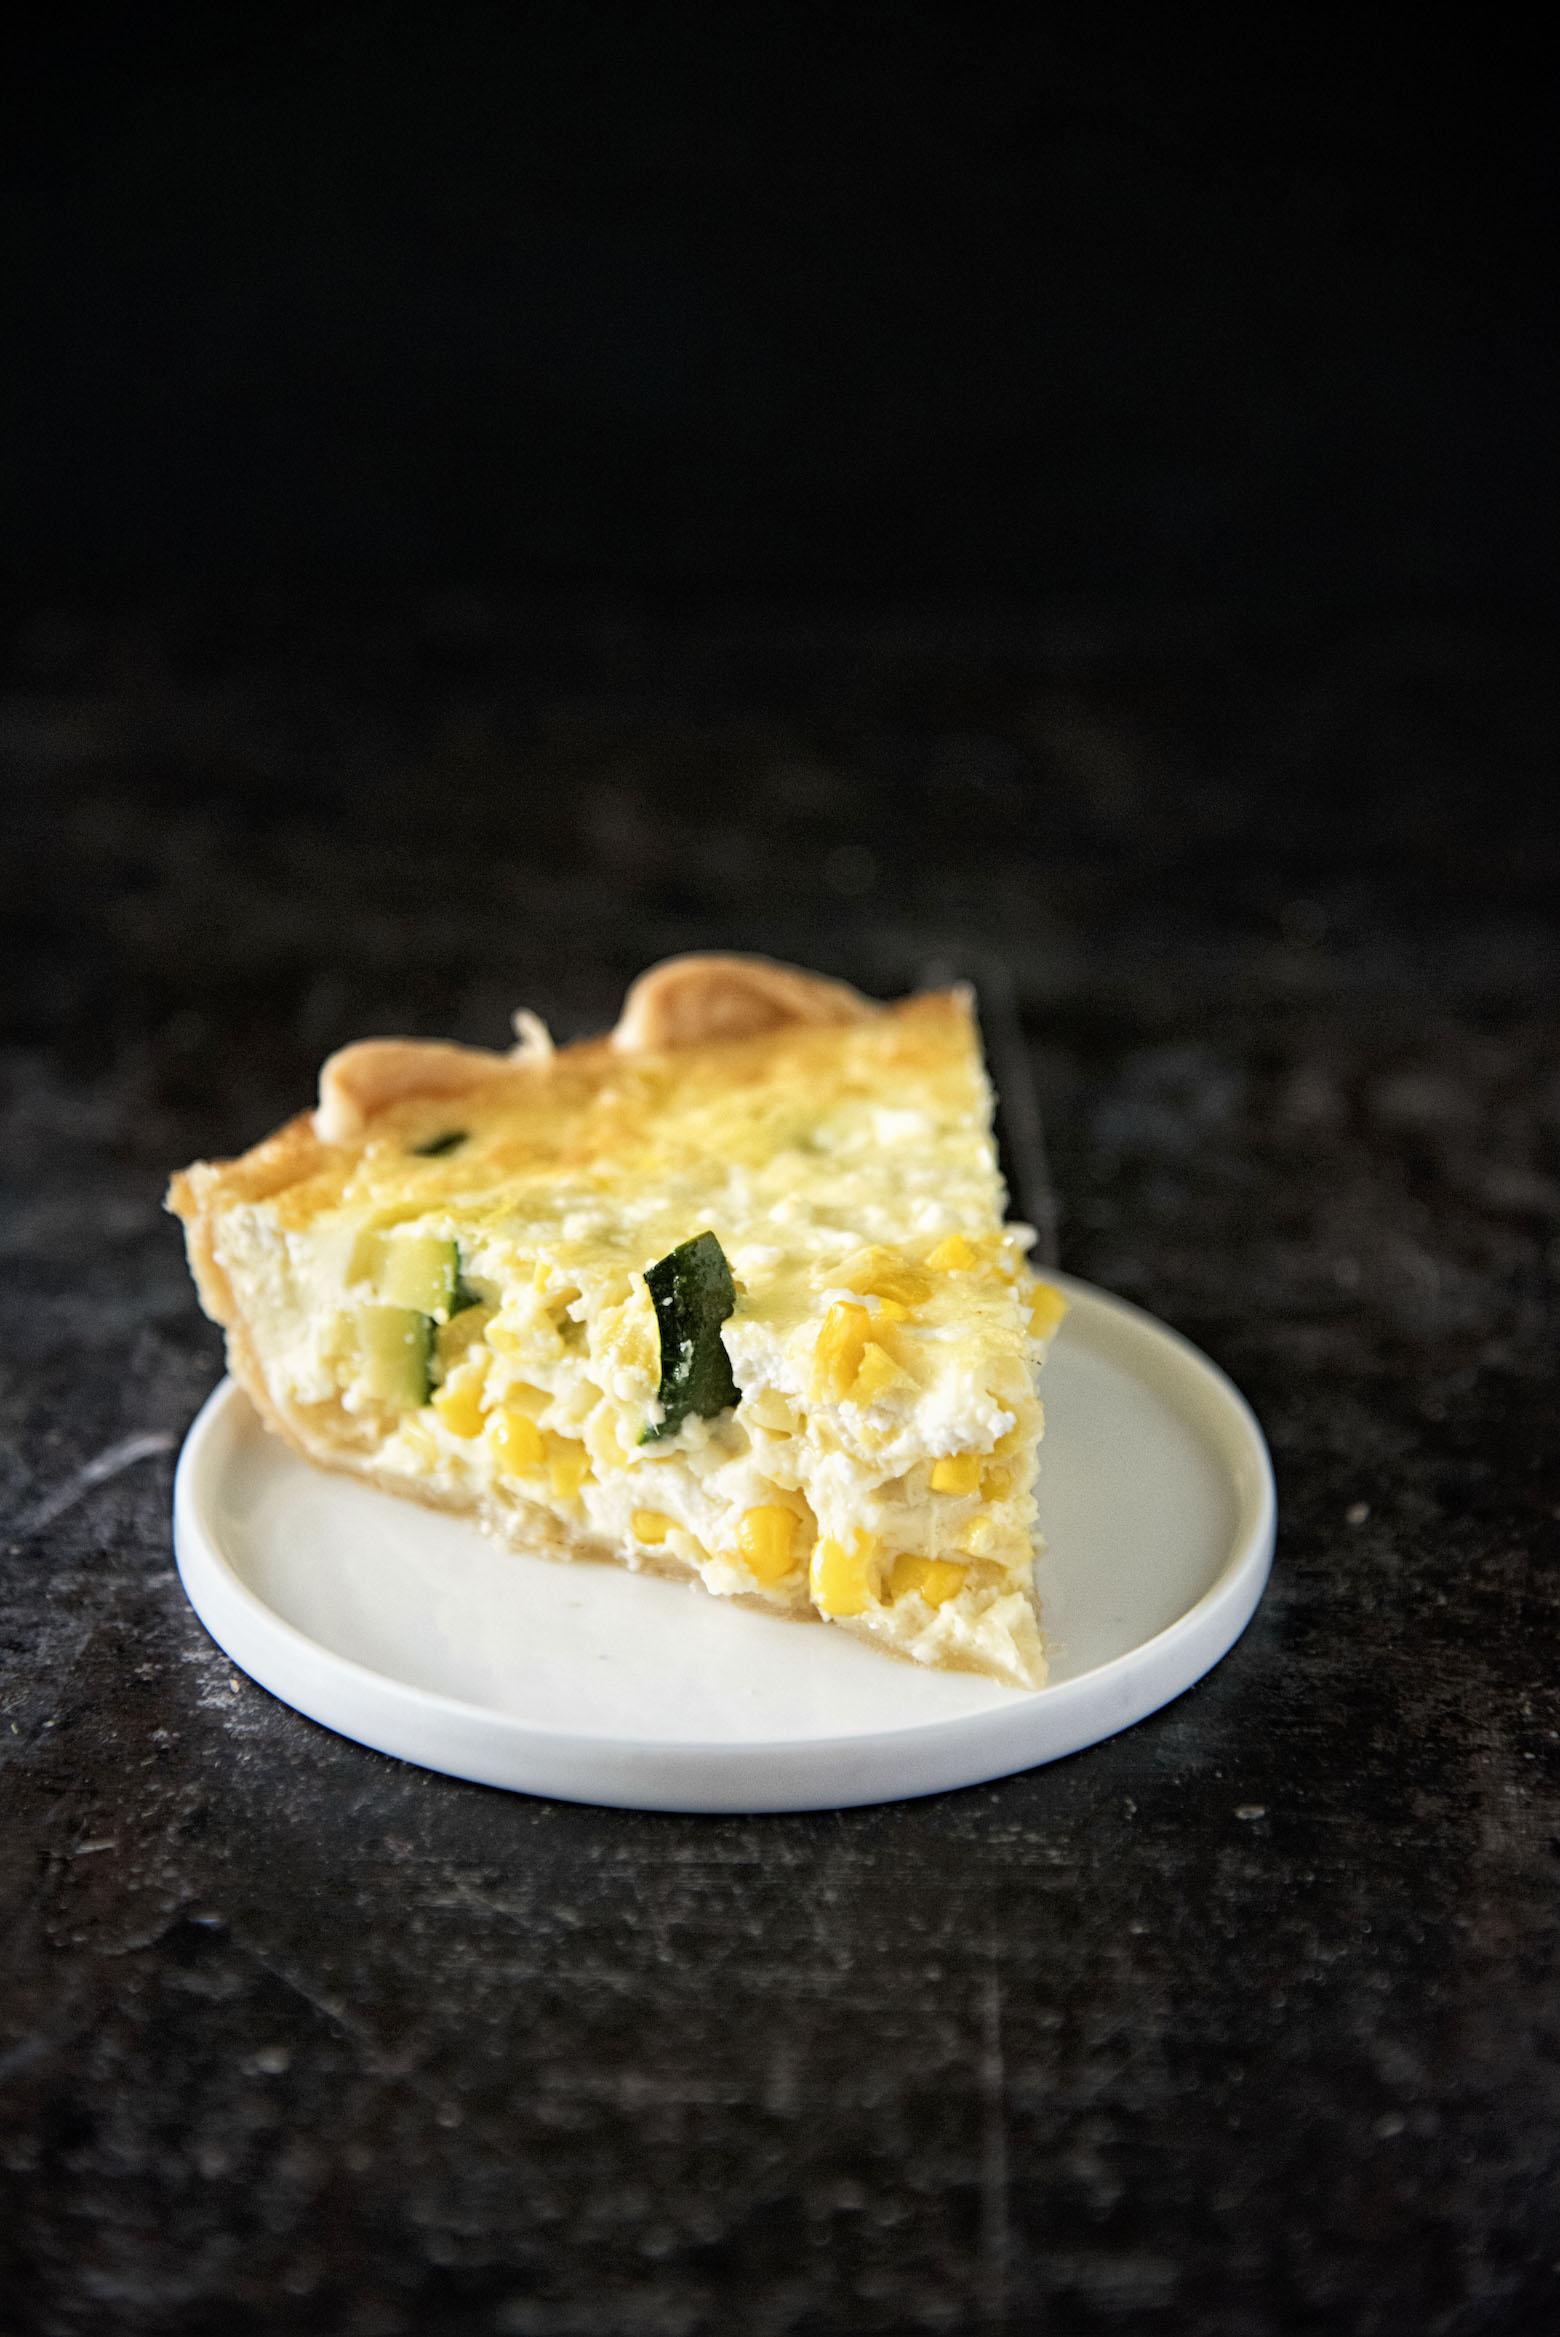 Vegetarian Zucchini Corn Feta Quiche